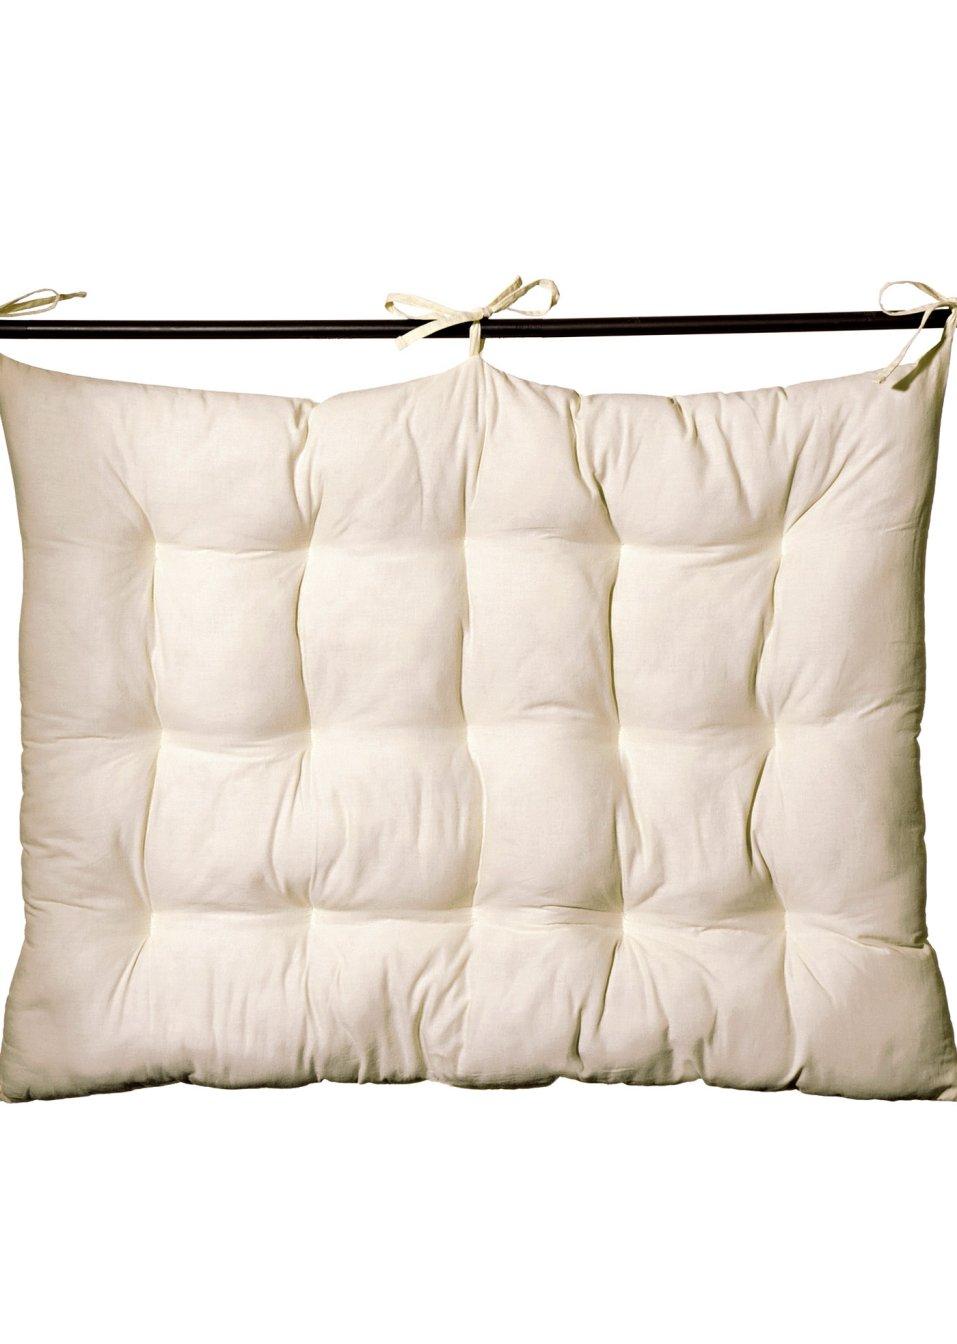 Come fare cuscini per testata letto cheap cuscini for Cuscini imbottiti per testiera letto